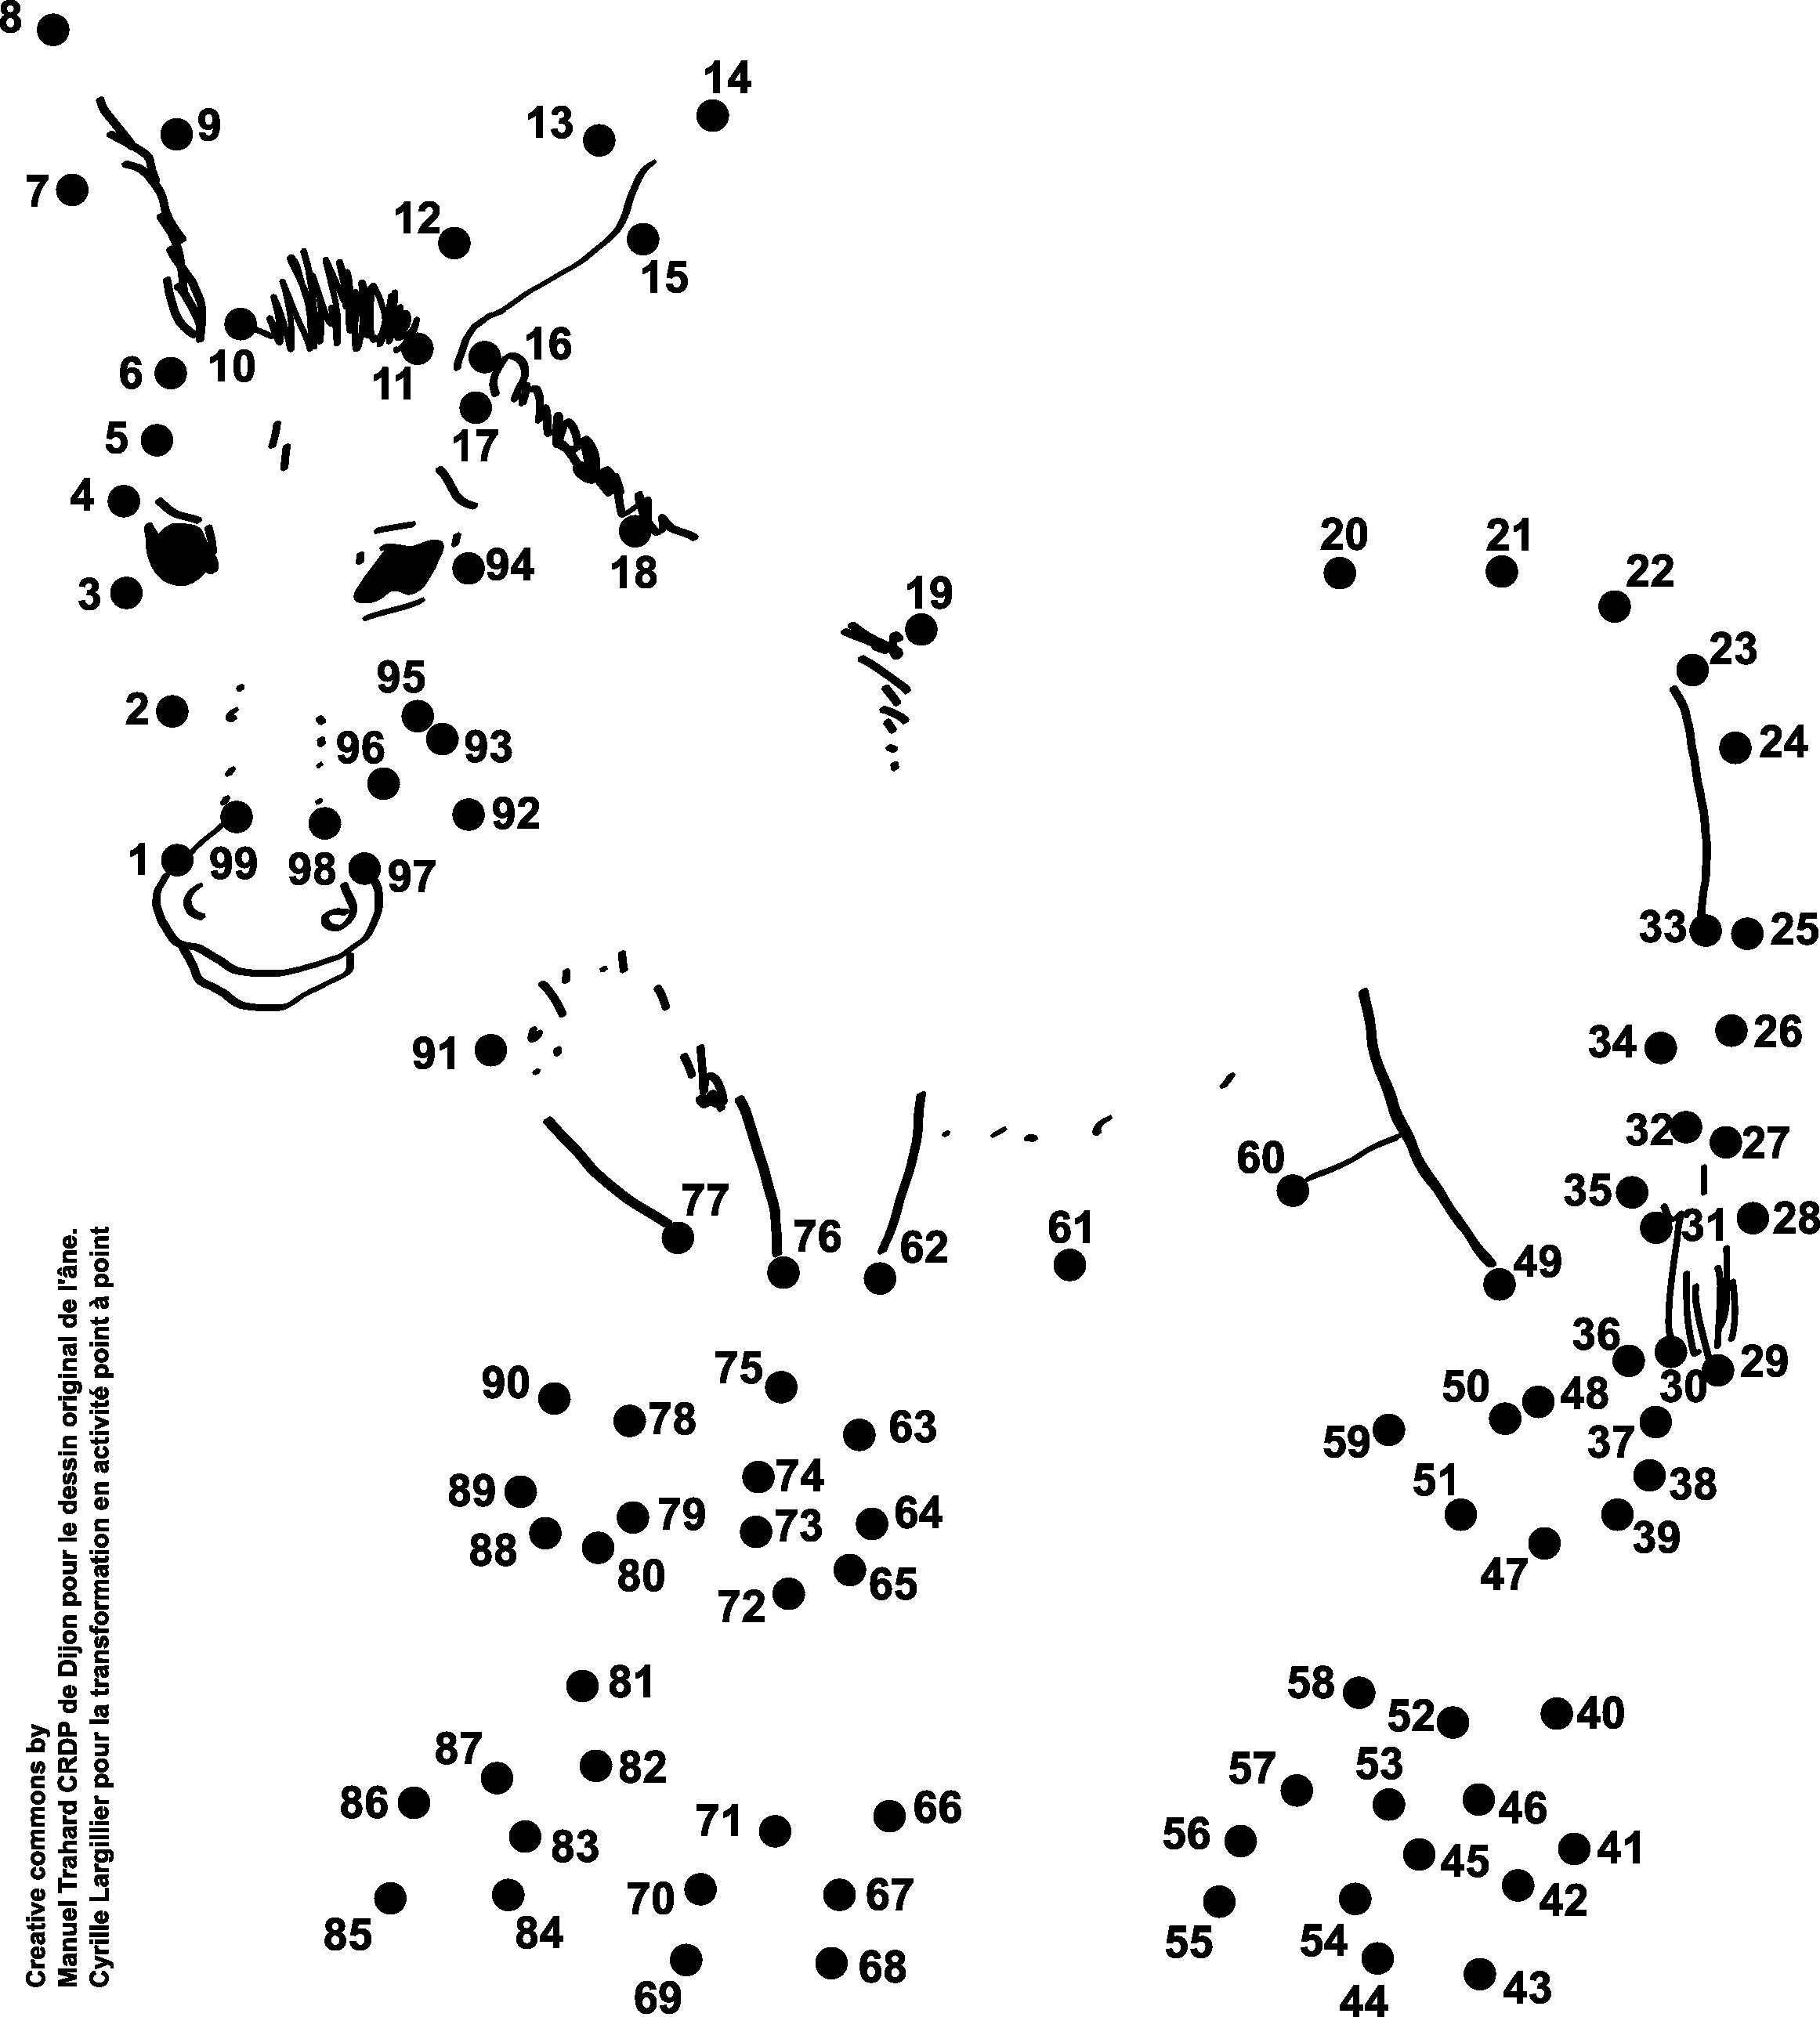 7 dessins point point pour la num ration de la gs au ce1 - Dessin point a point ...